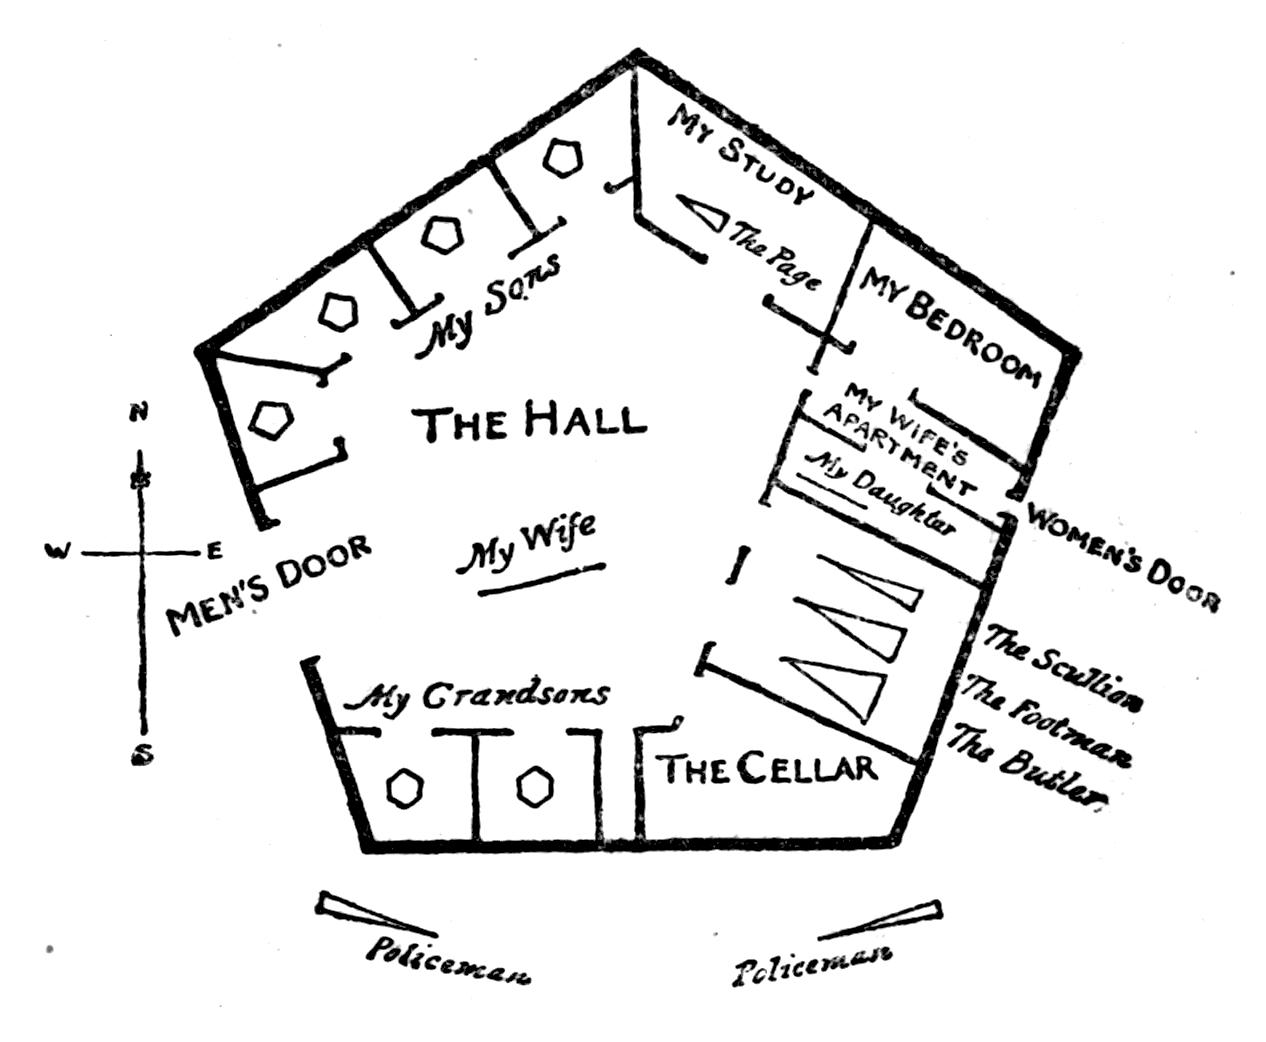 מבנה ביתו של הריבוע כפי שנגלה לעיניו בעת שטיפס לגובה לראשונה בחייו, עמוד 98 בגרסה העברית